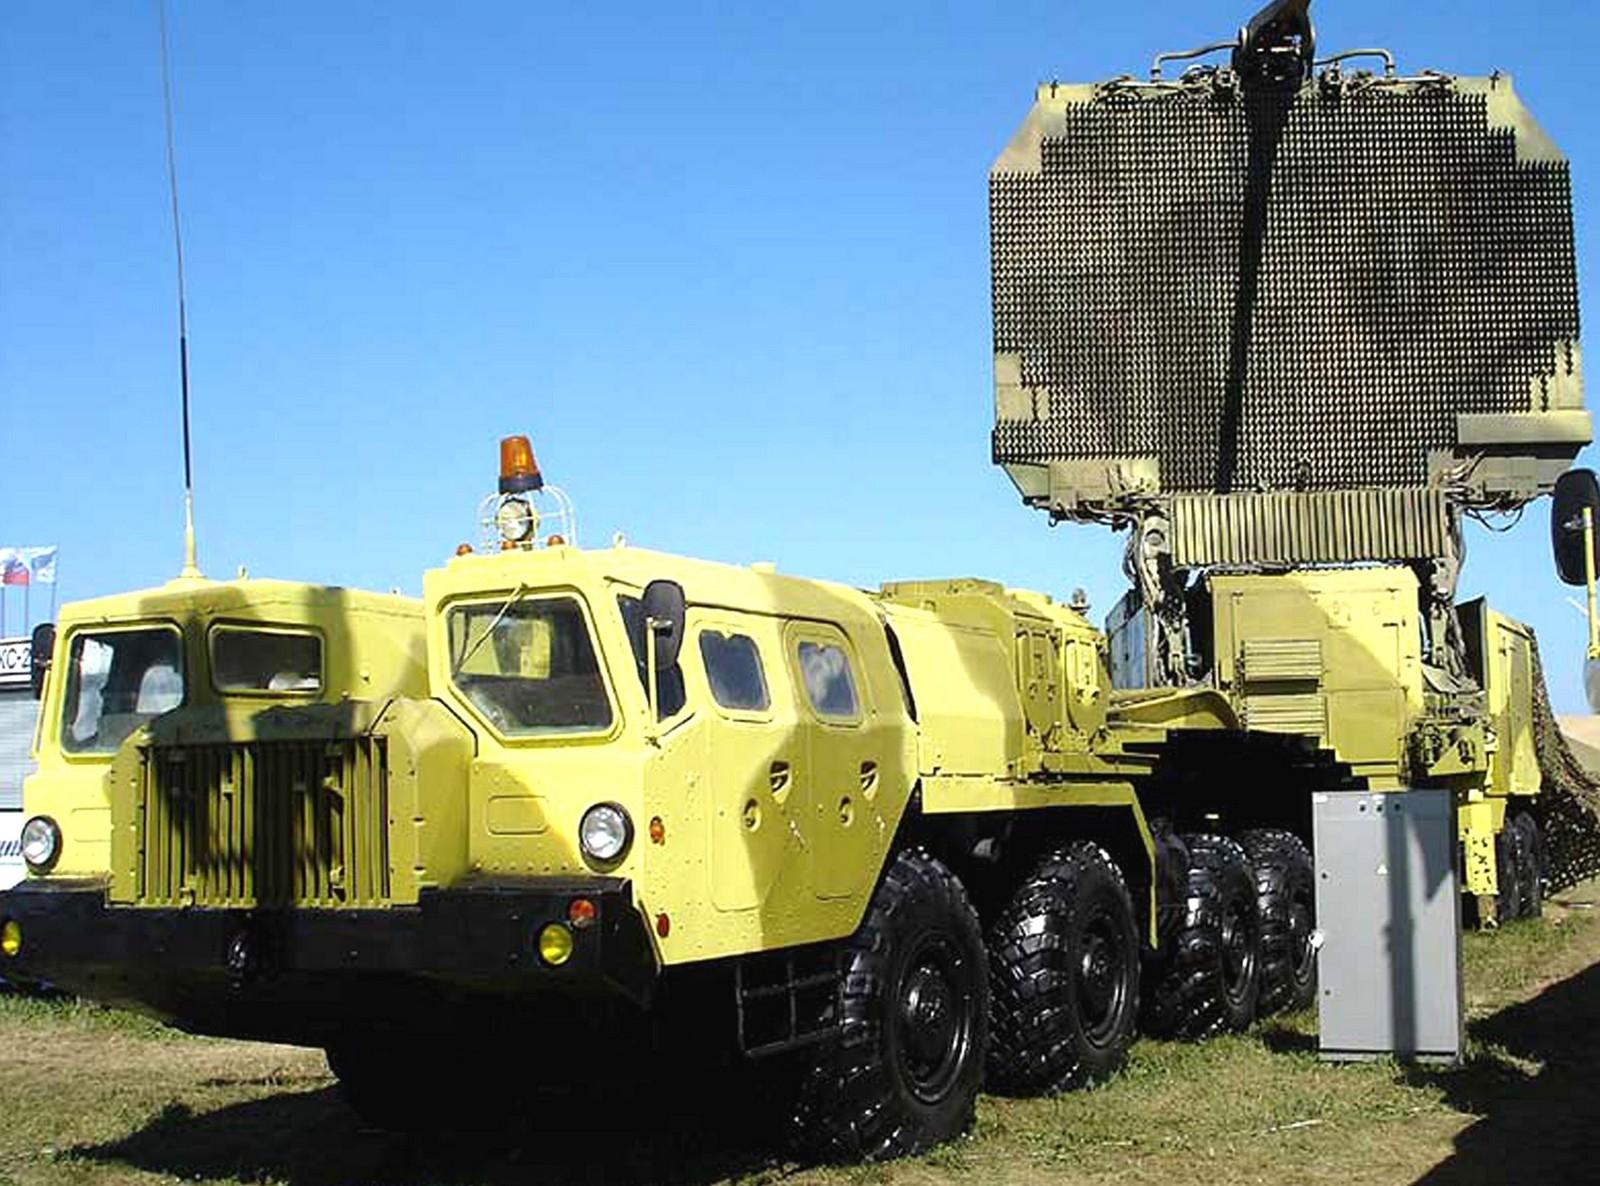 Автопоезд с мощным радиолокатором 64Н6Е2 комплекса С-300ПМУ-2 (из архива автора)